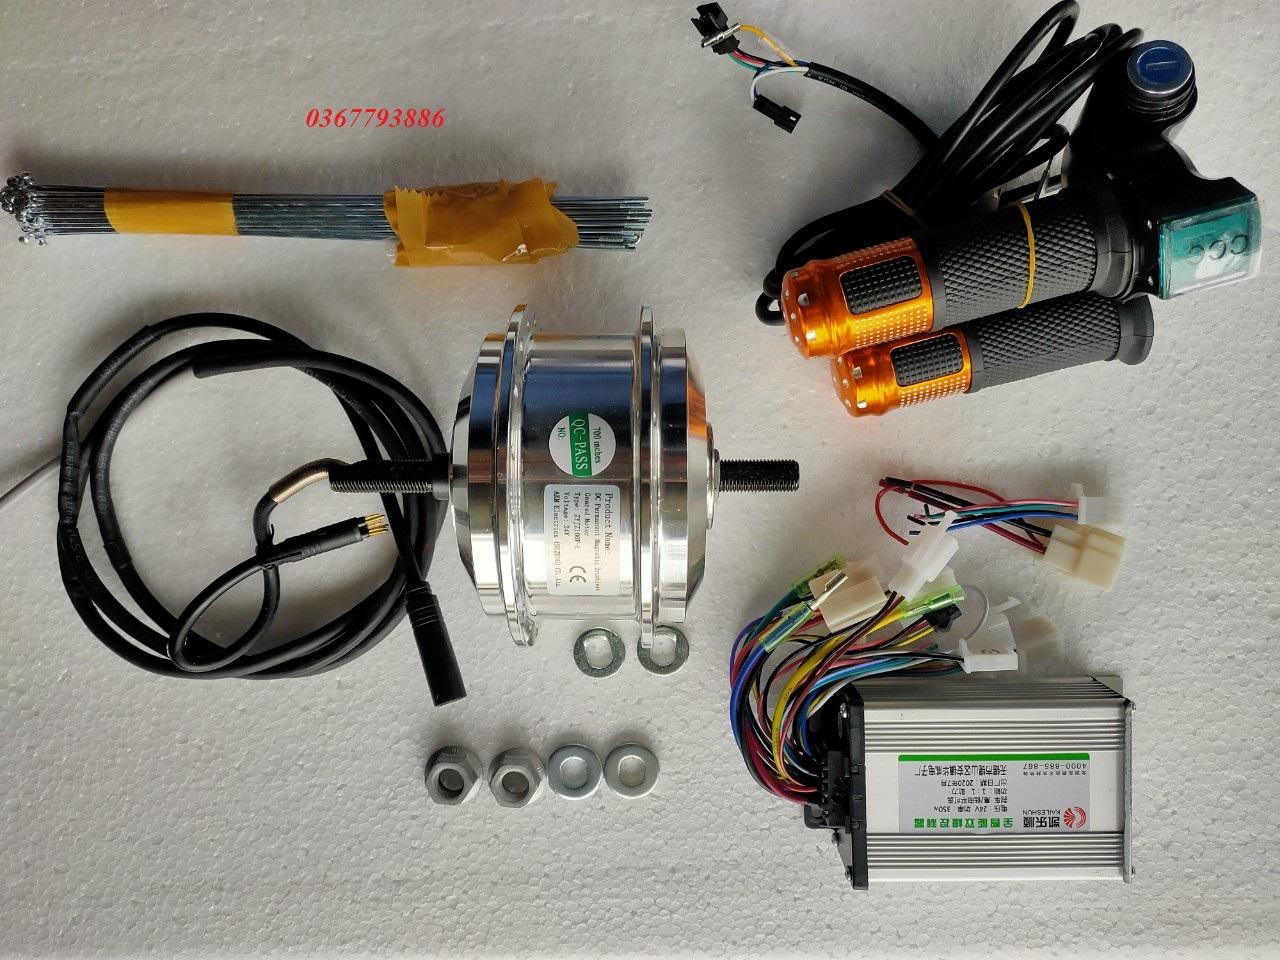 Mua DÀNH CHO XE THỂ THAO, bộ thiết bị cơ bản chuyển xe thể thao thành xe điện lắp bánh trước